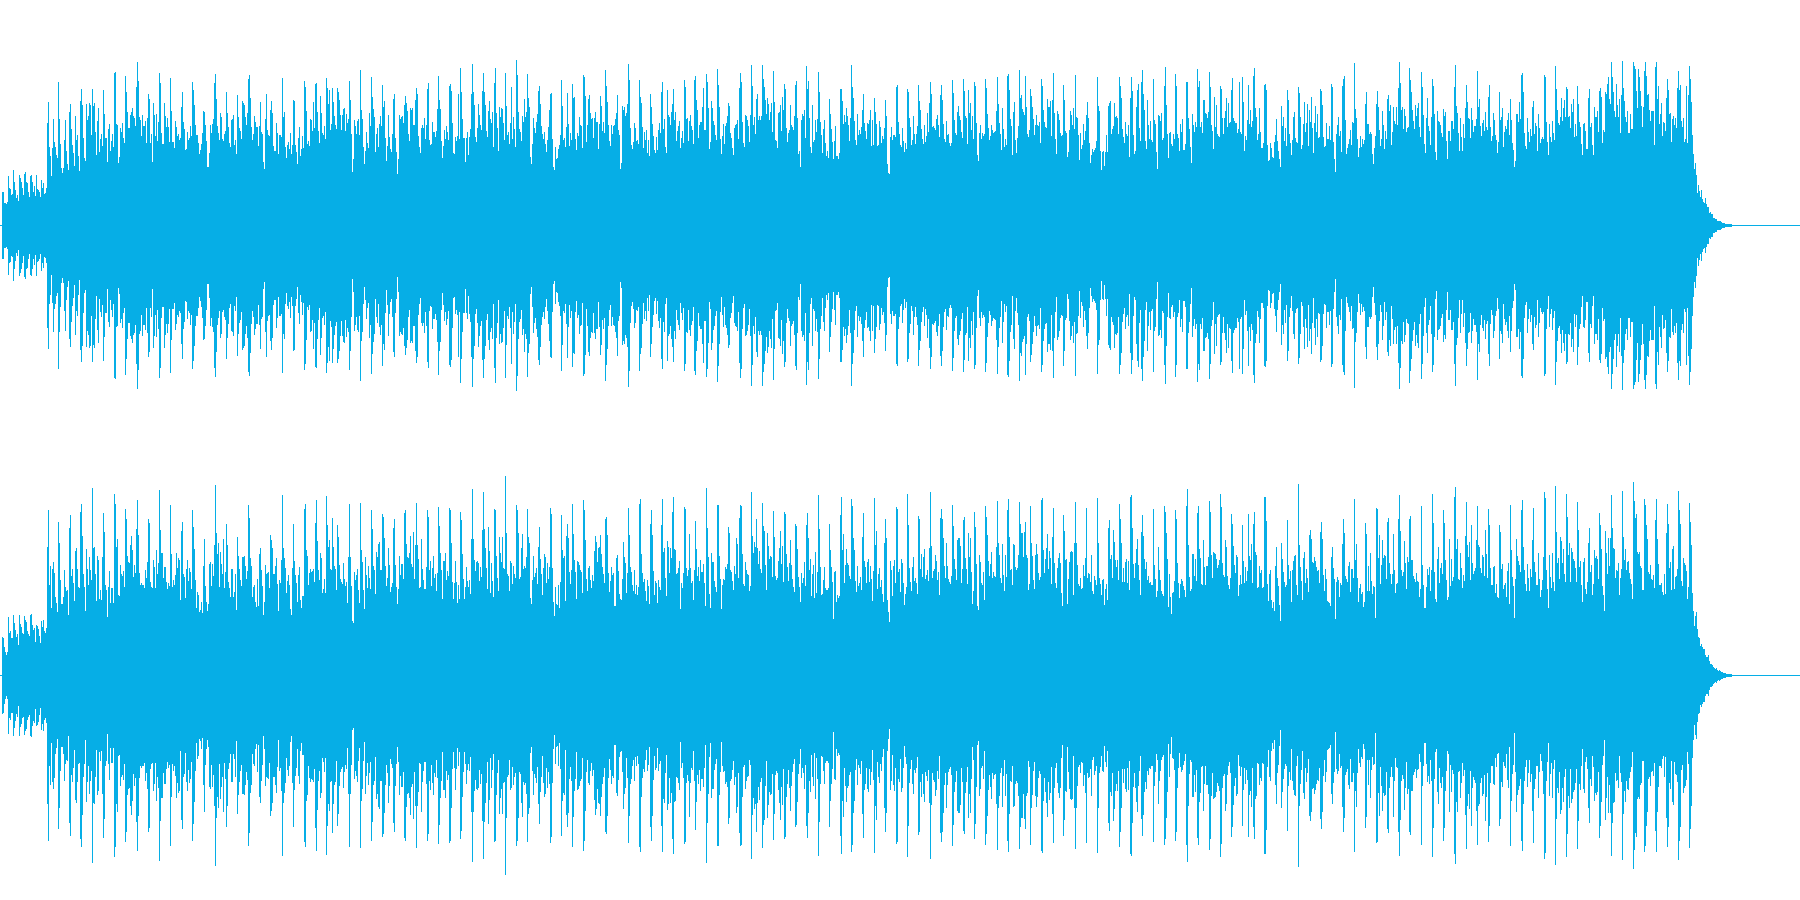 クリスマスの可憐なオルゴール風の再生済みの波形